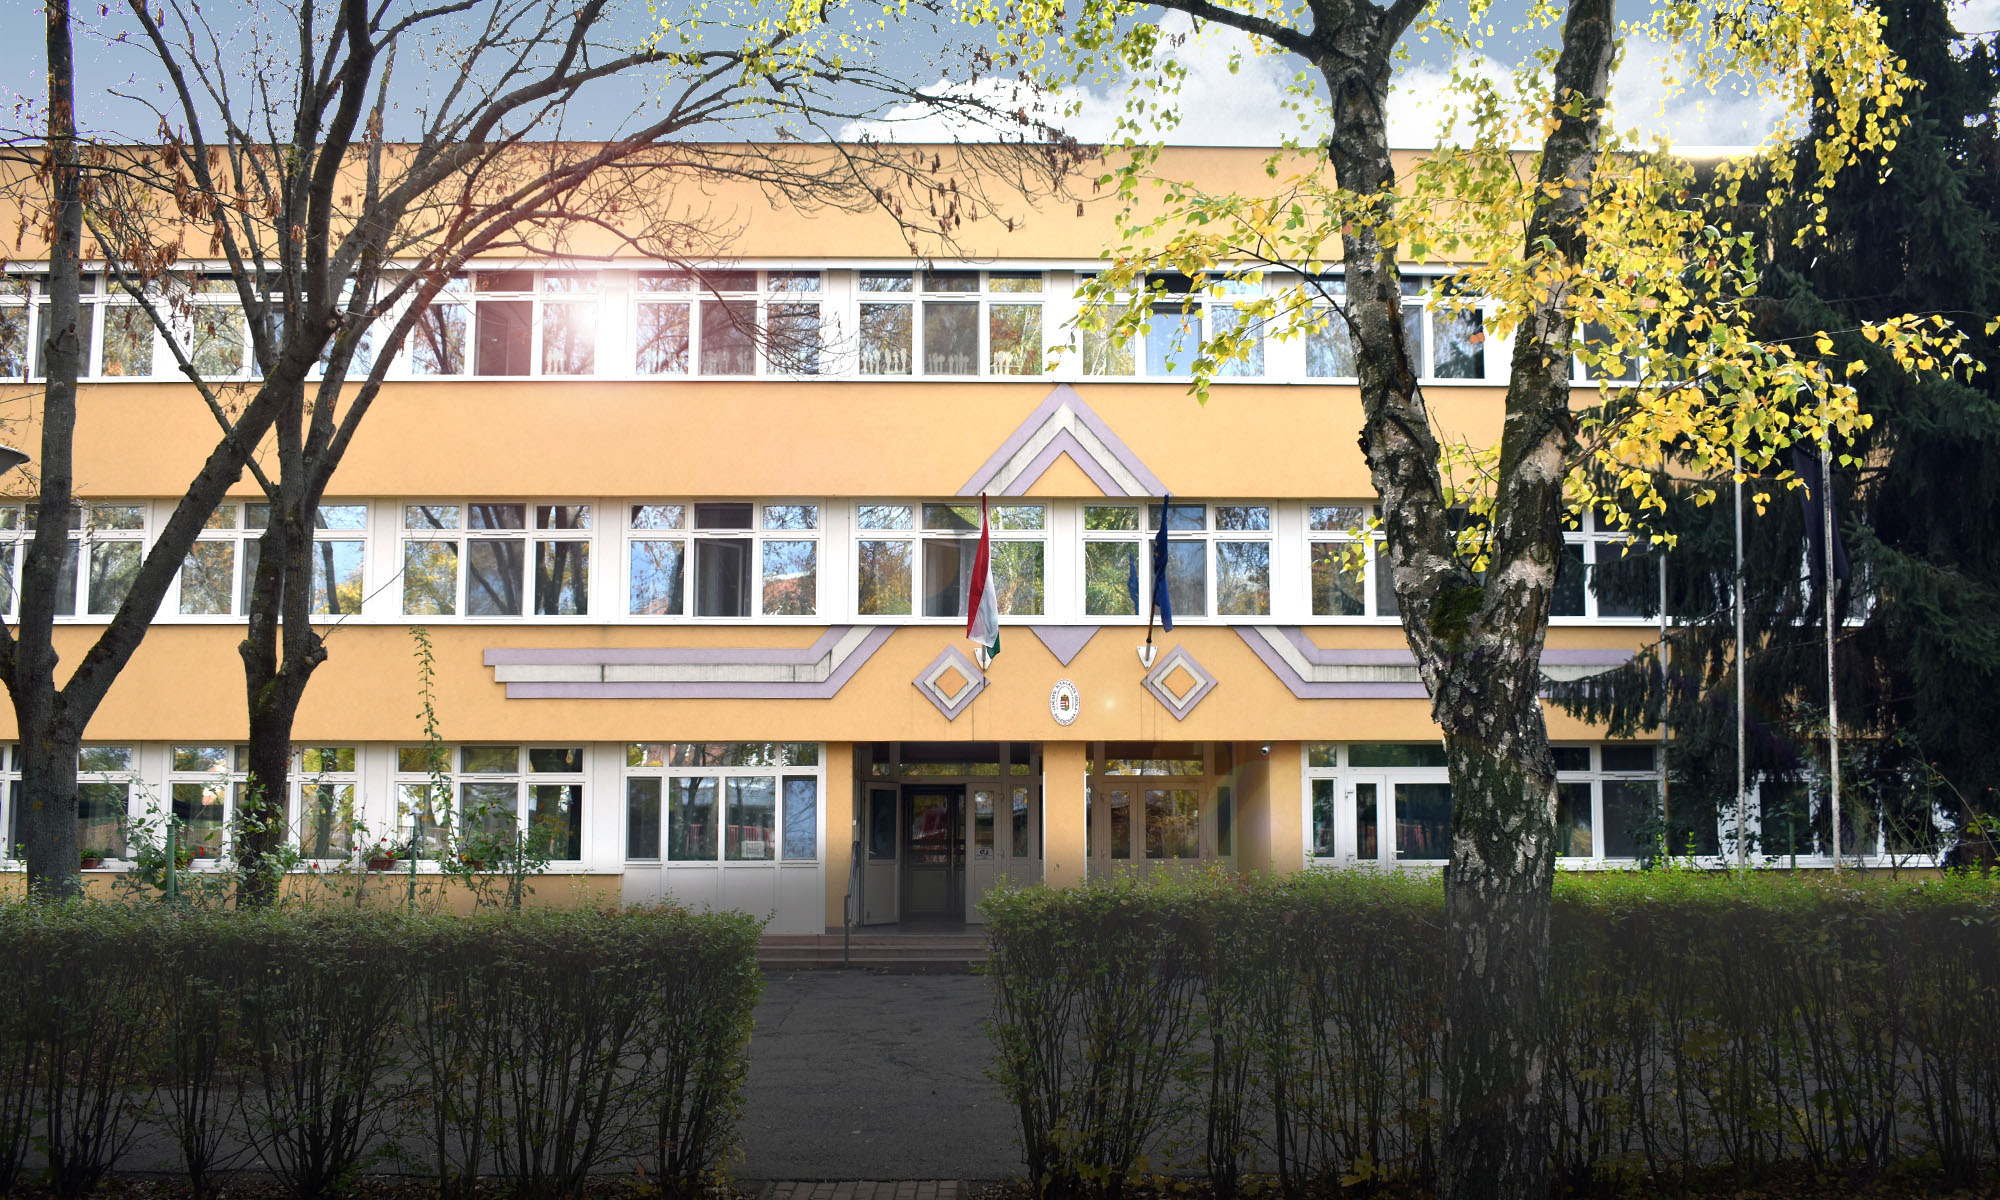 Lencsési Általános Iskola és Alapfokú Művészeti Iskola